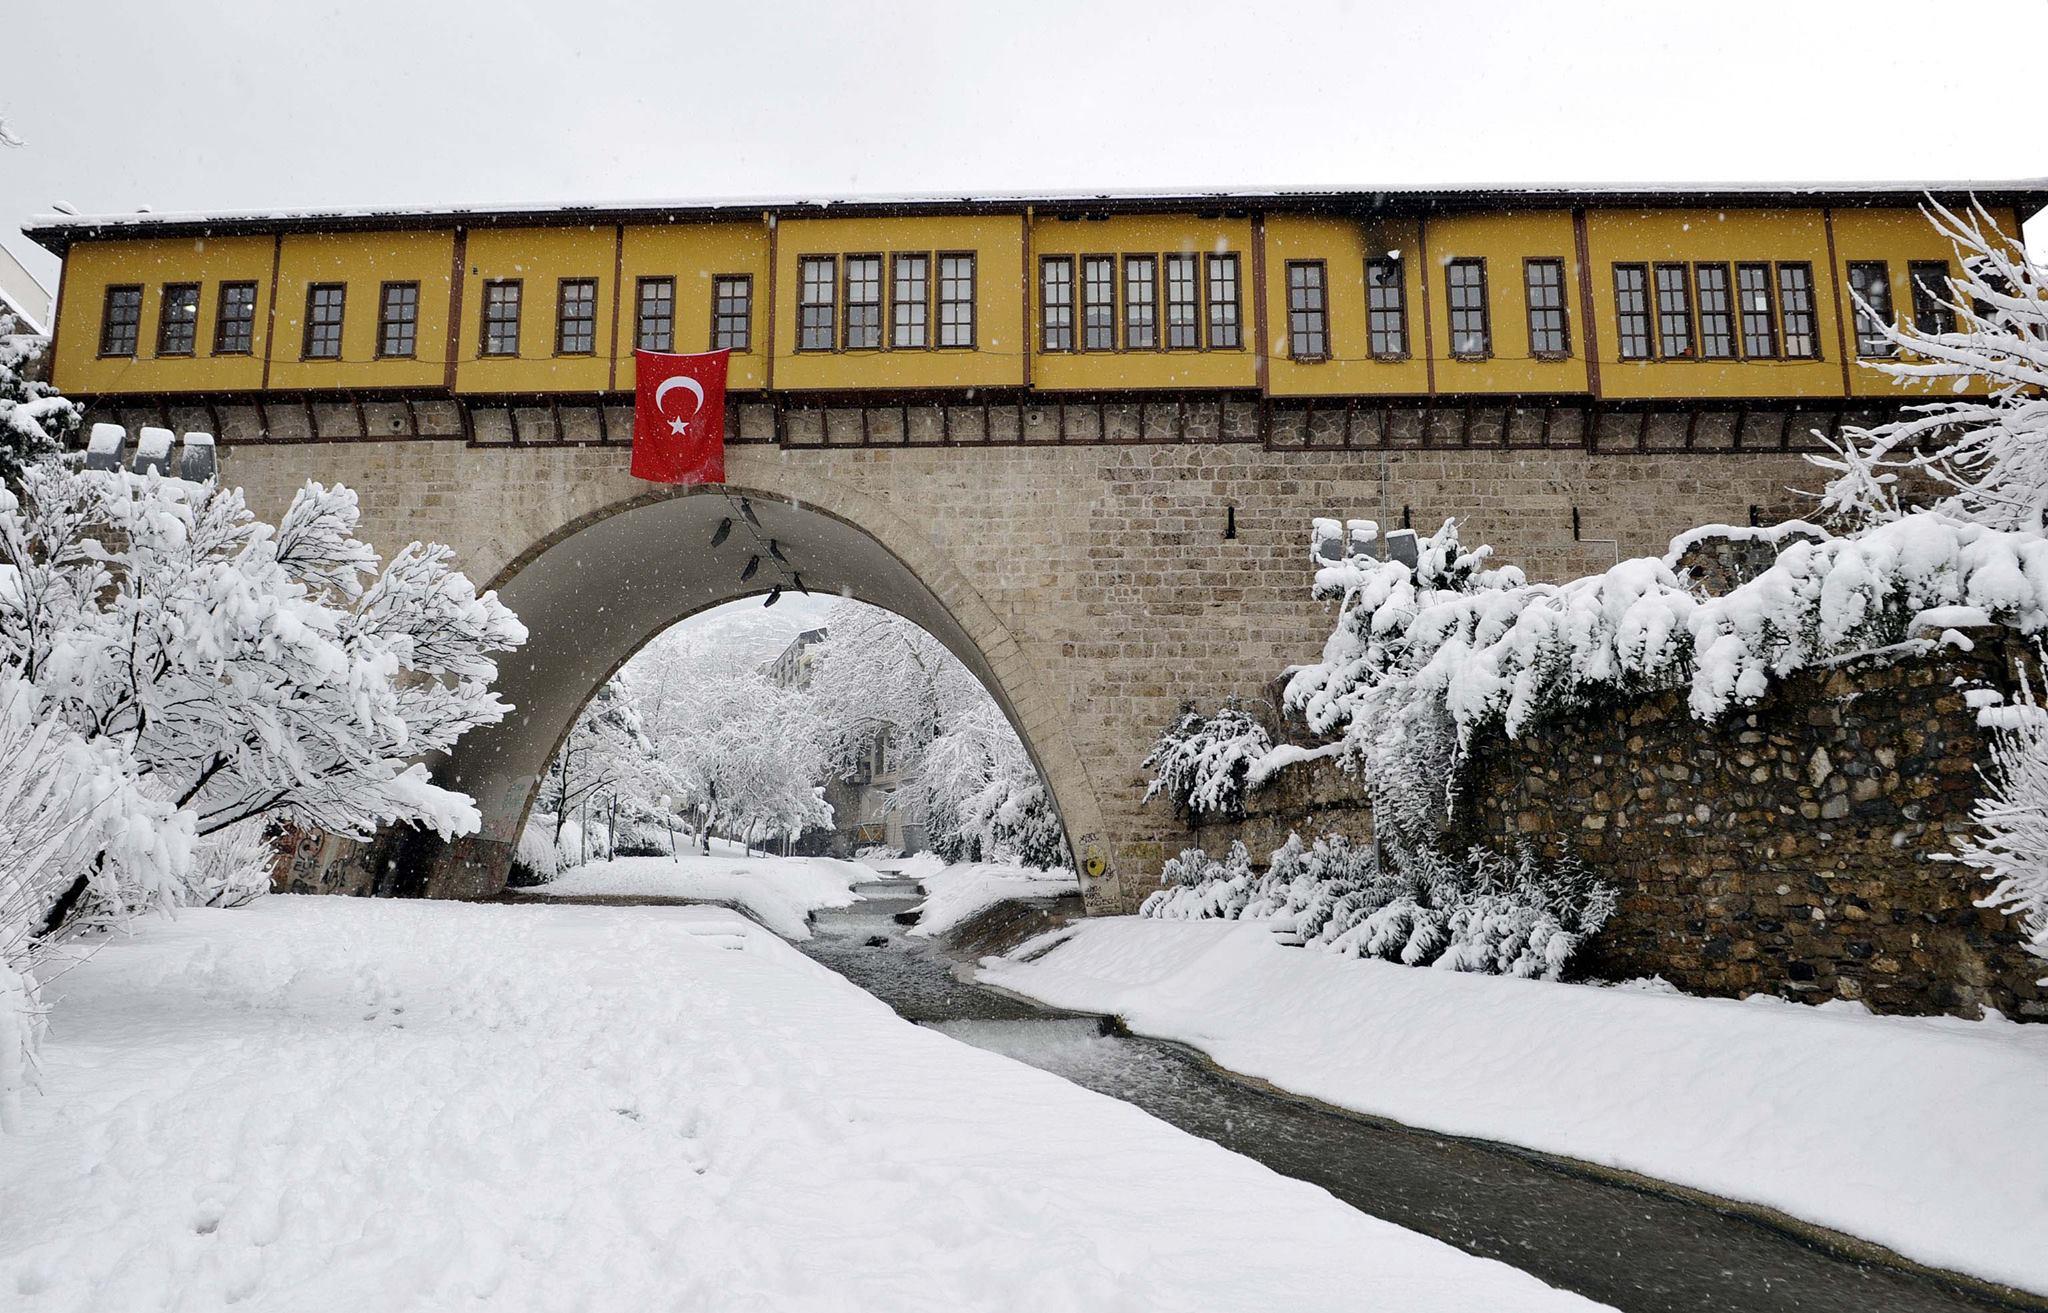 bursa'nın gezilecek tarihi yerleri ırgandı köprüsü